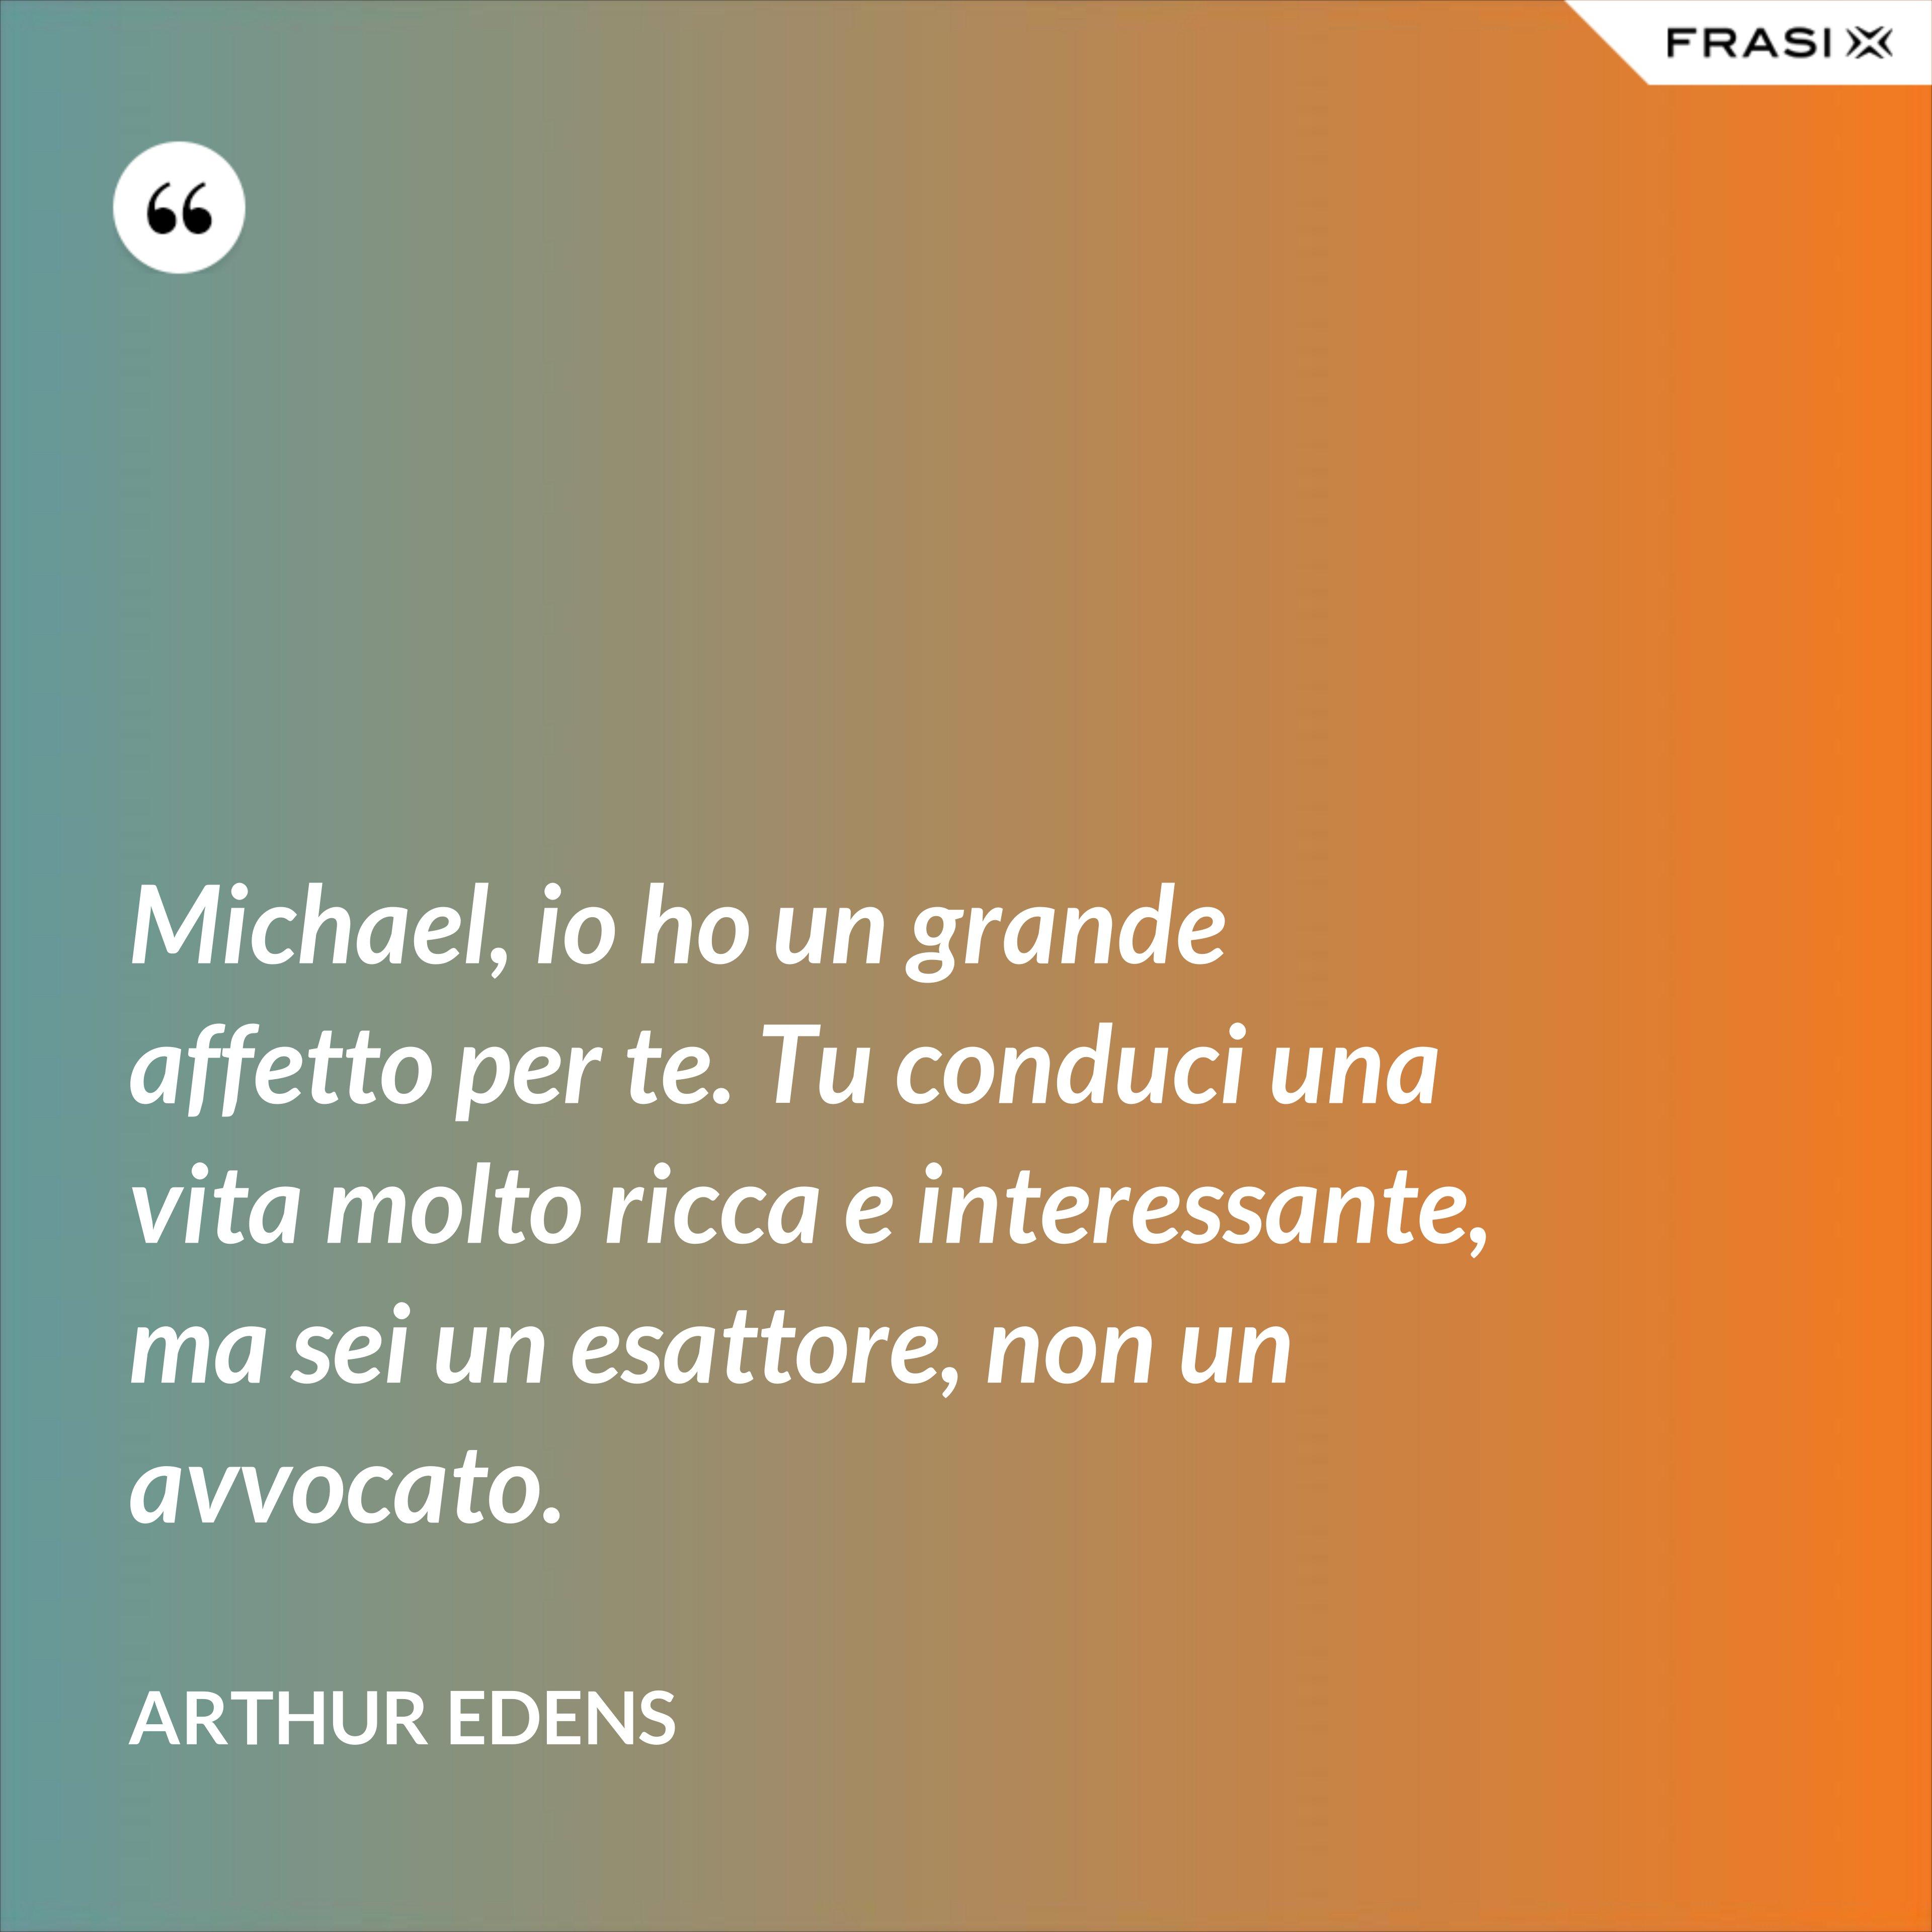 Michael, io ho un grande affetto per te. Tu conduci una vita molto ricca e interessante, ma sei un esattore, non un avvocato. - Arthur Edens